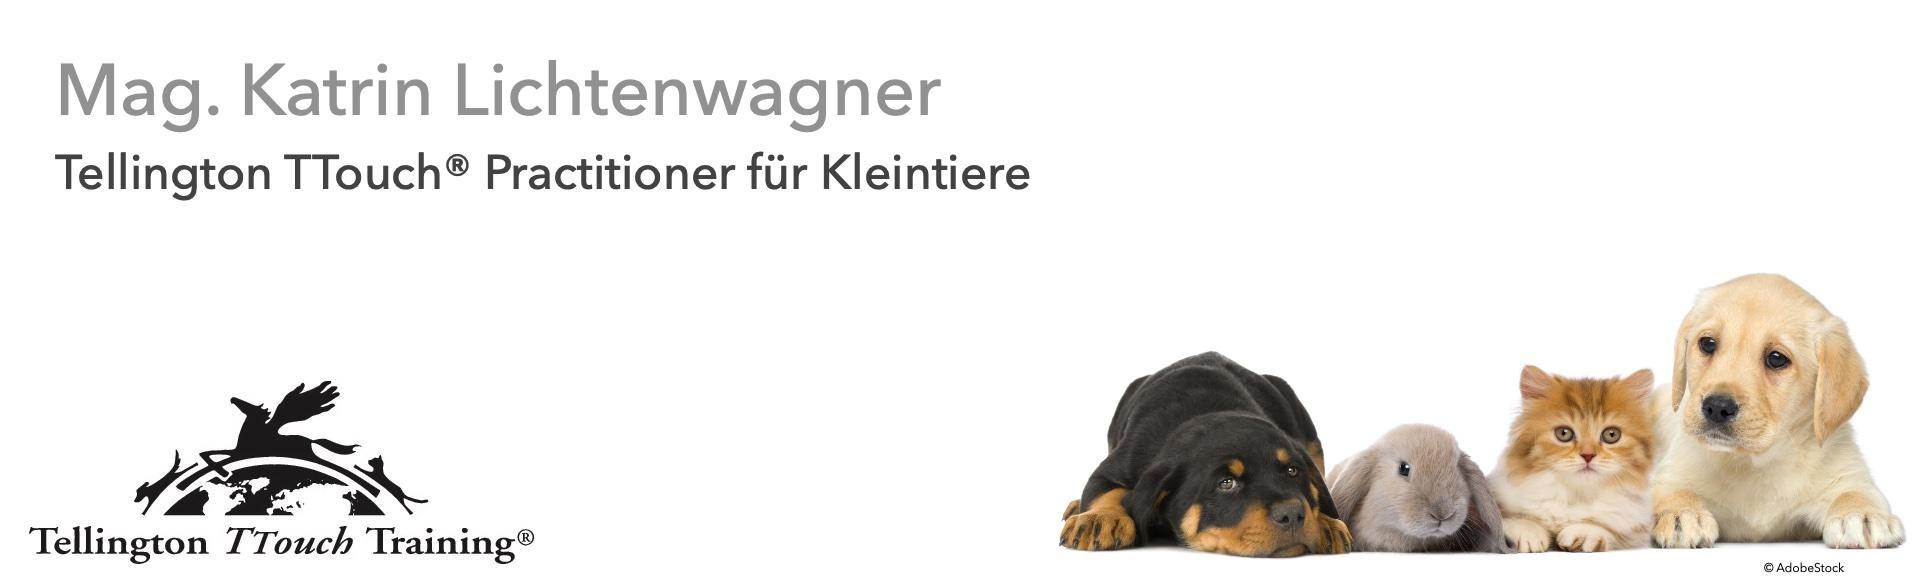 Mag. Katrin Lichtenwagner